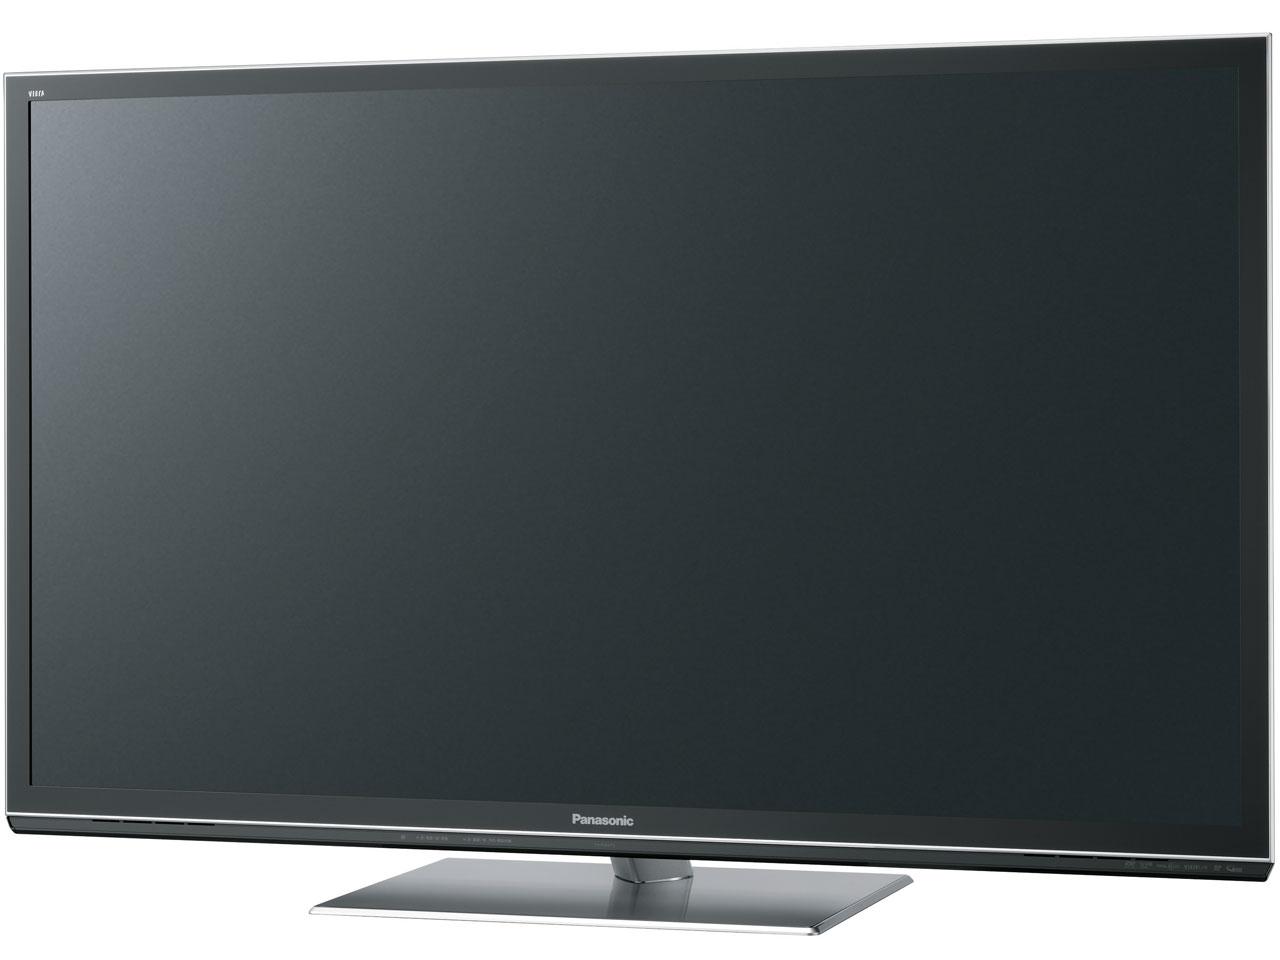 『本体 正面』 スマートビエラ TH-P50VT5 [50インチ] の製品画像